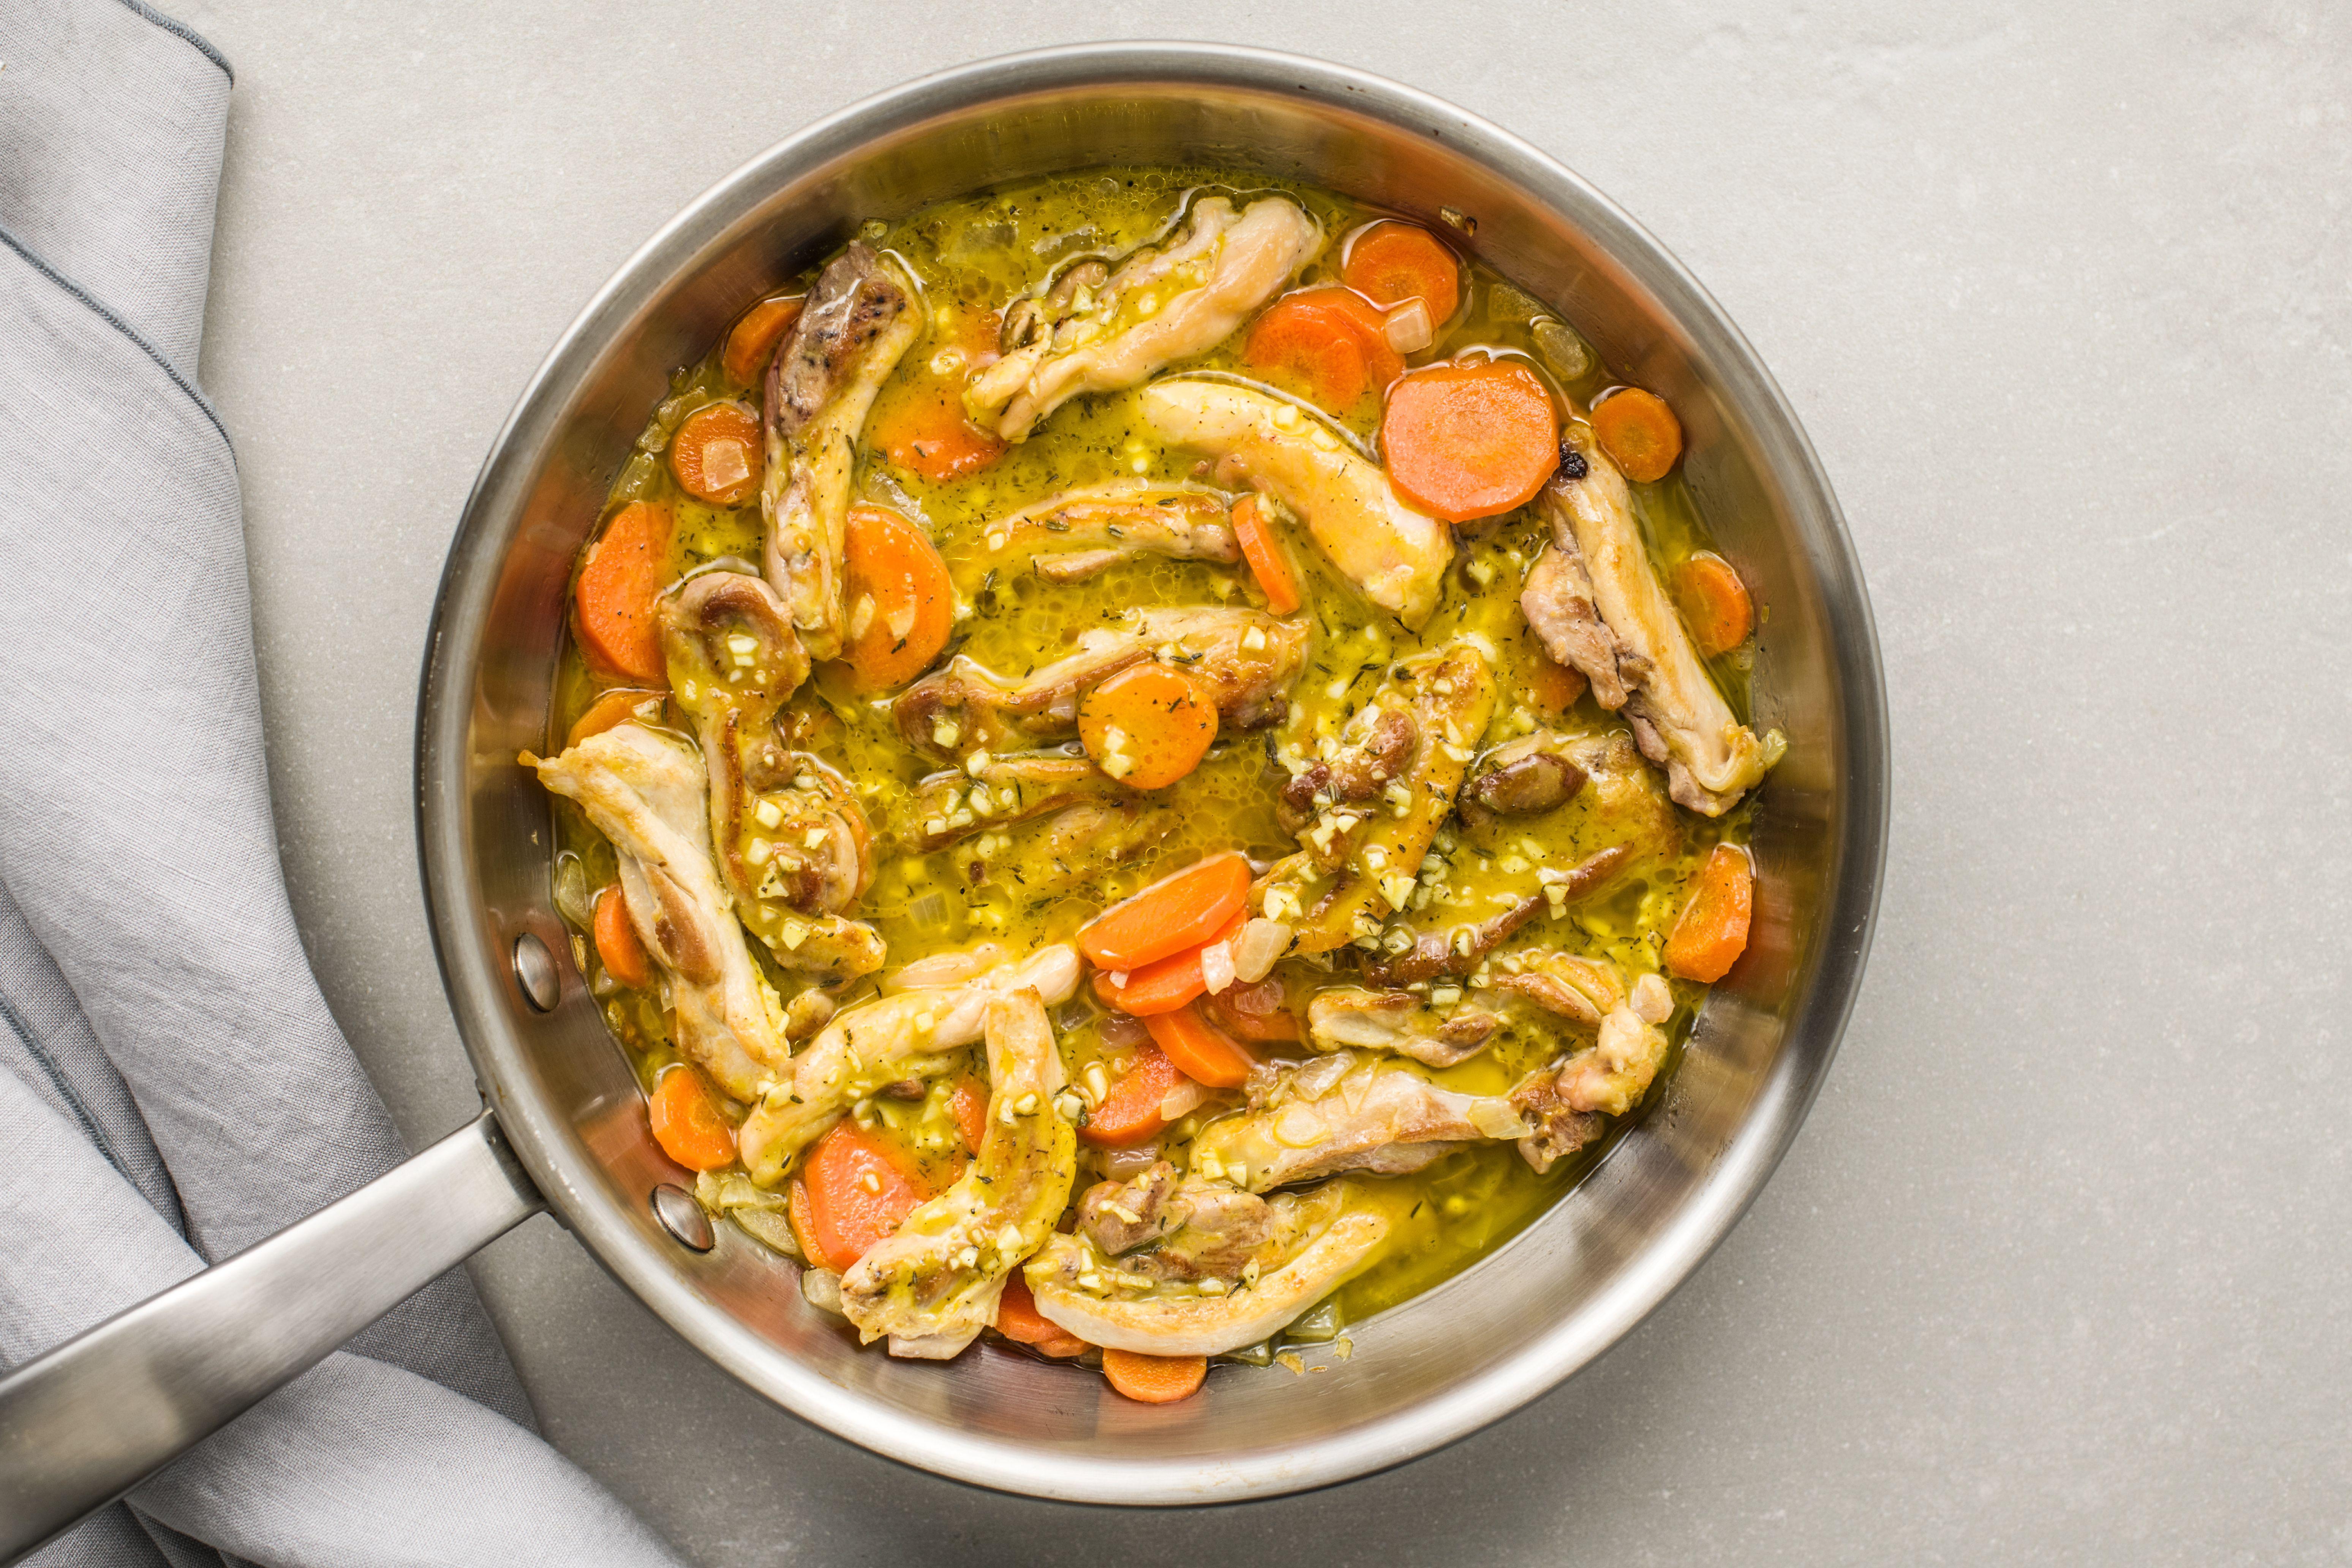 Turn chicken in skillet